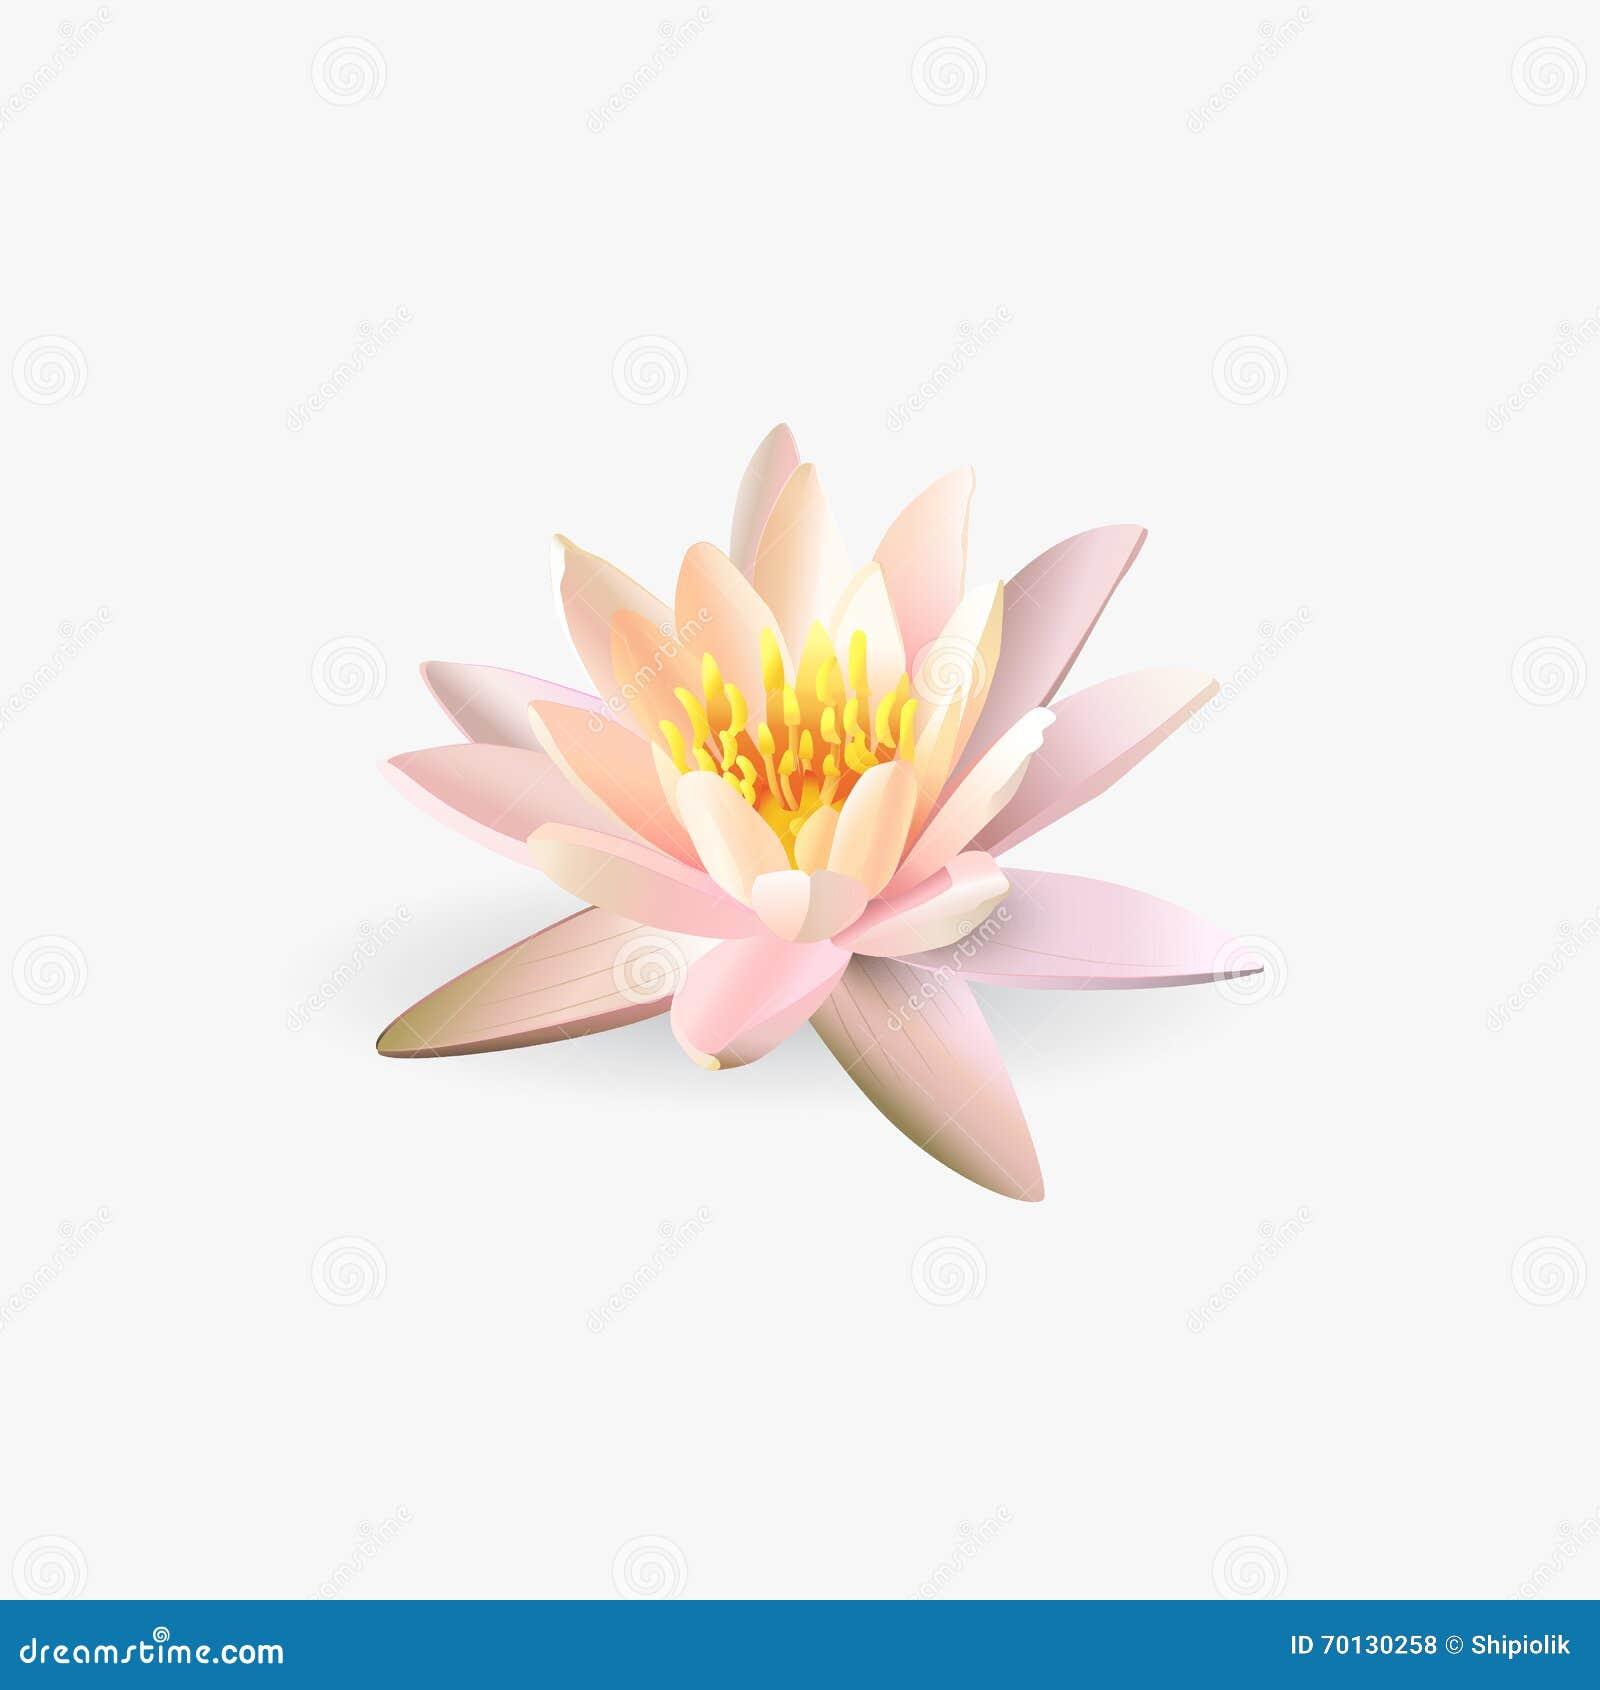 Lotus flower on white background stock vector illustration of lotus flower on white background izmirmasajfo